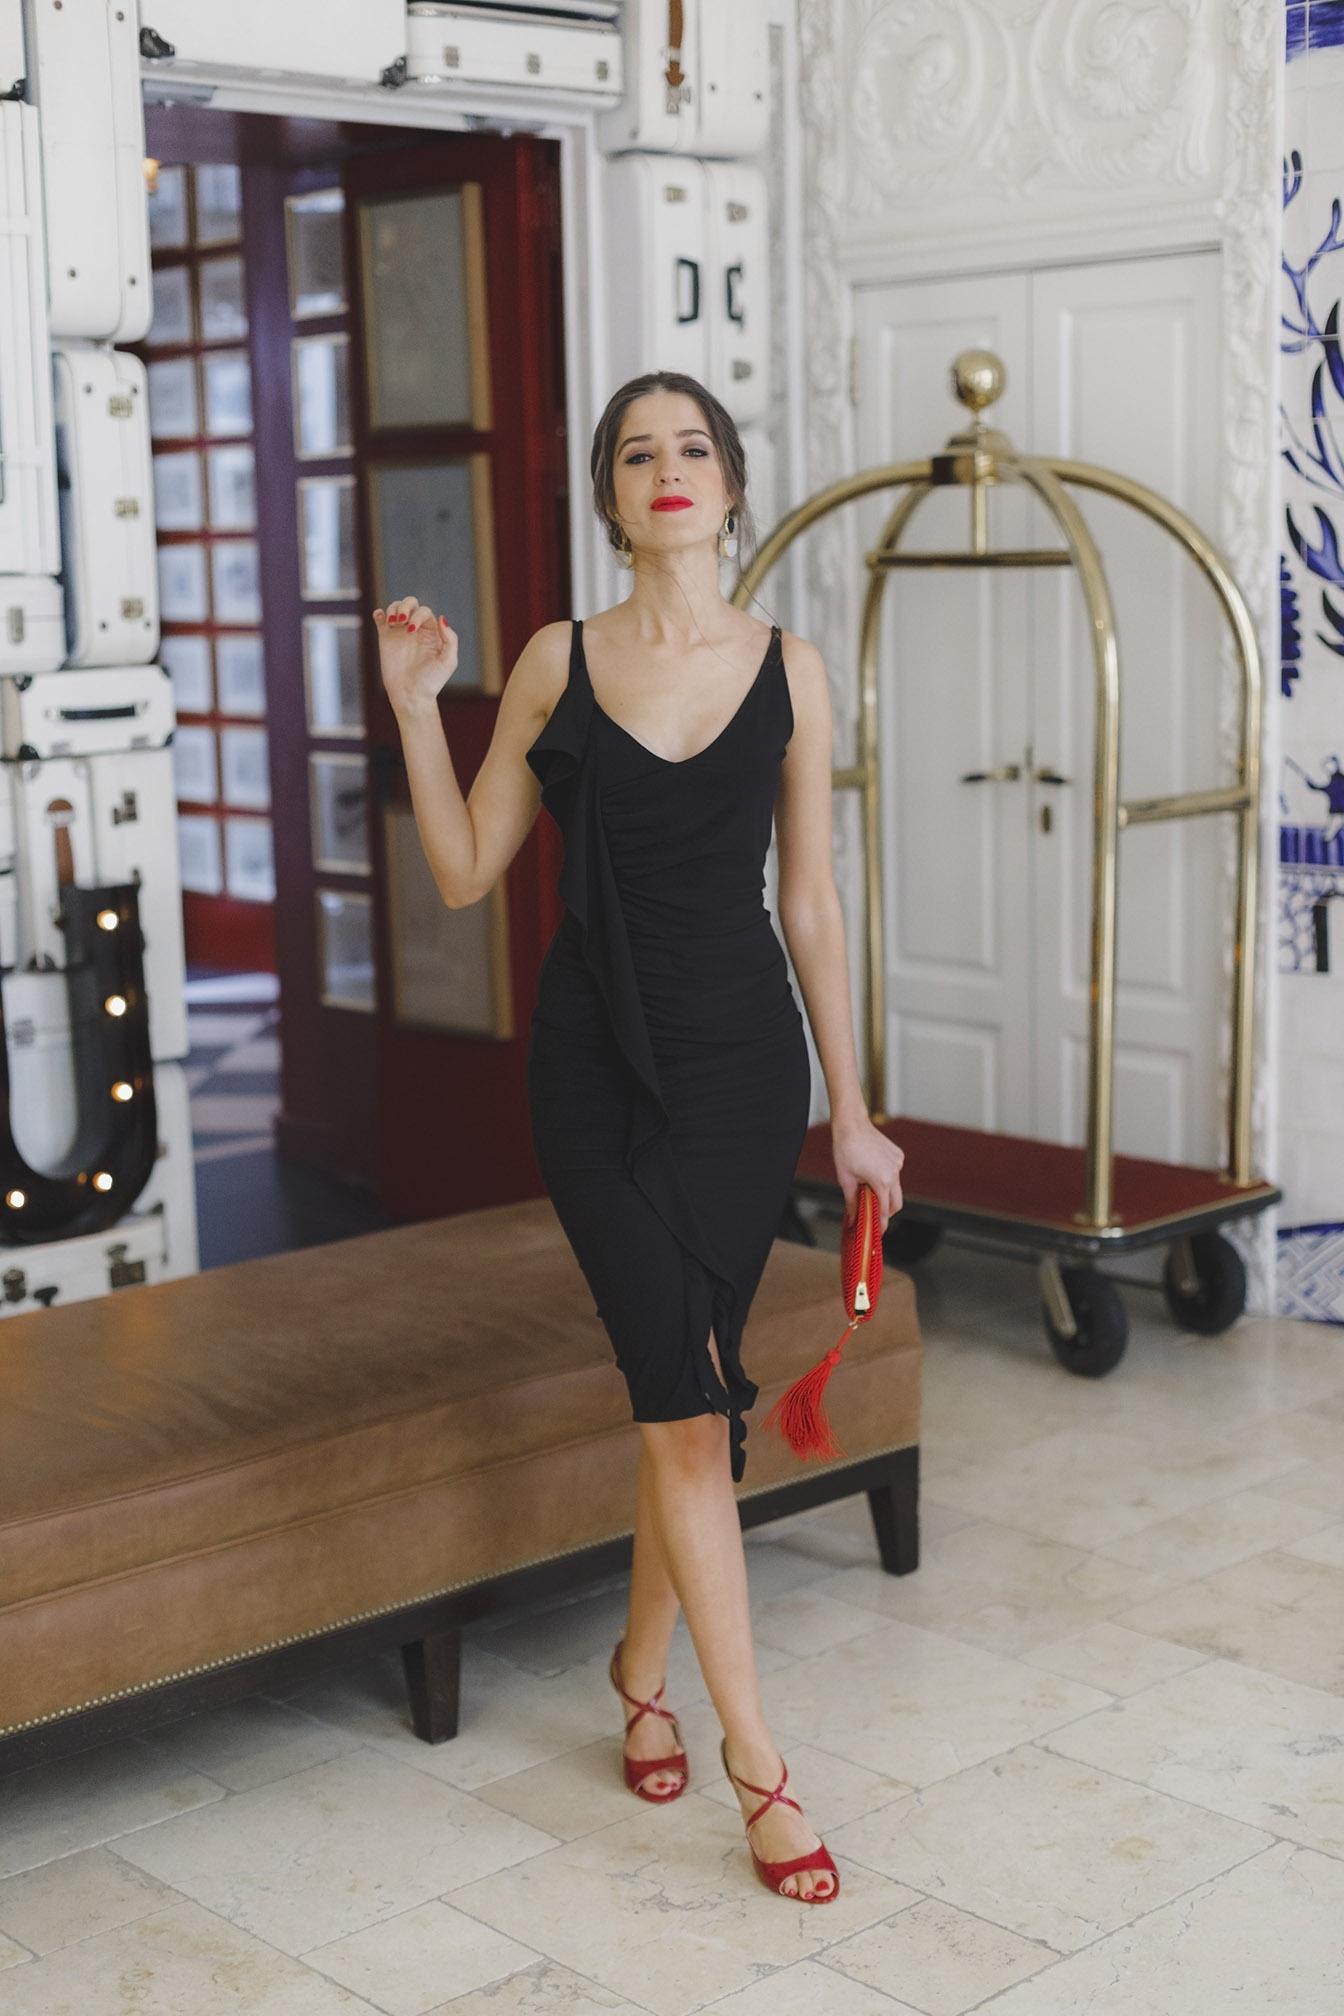 Vestido negro y complementos rojos